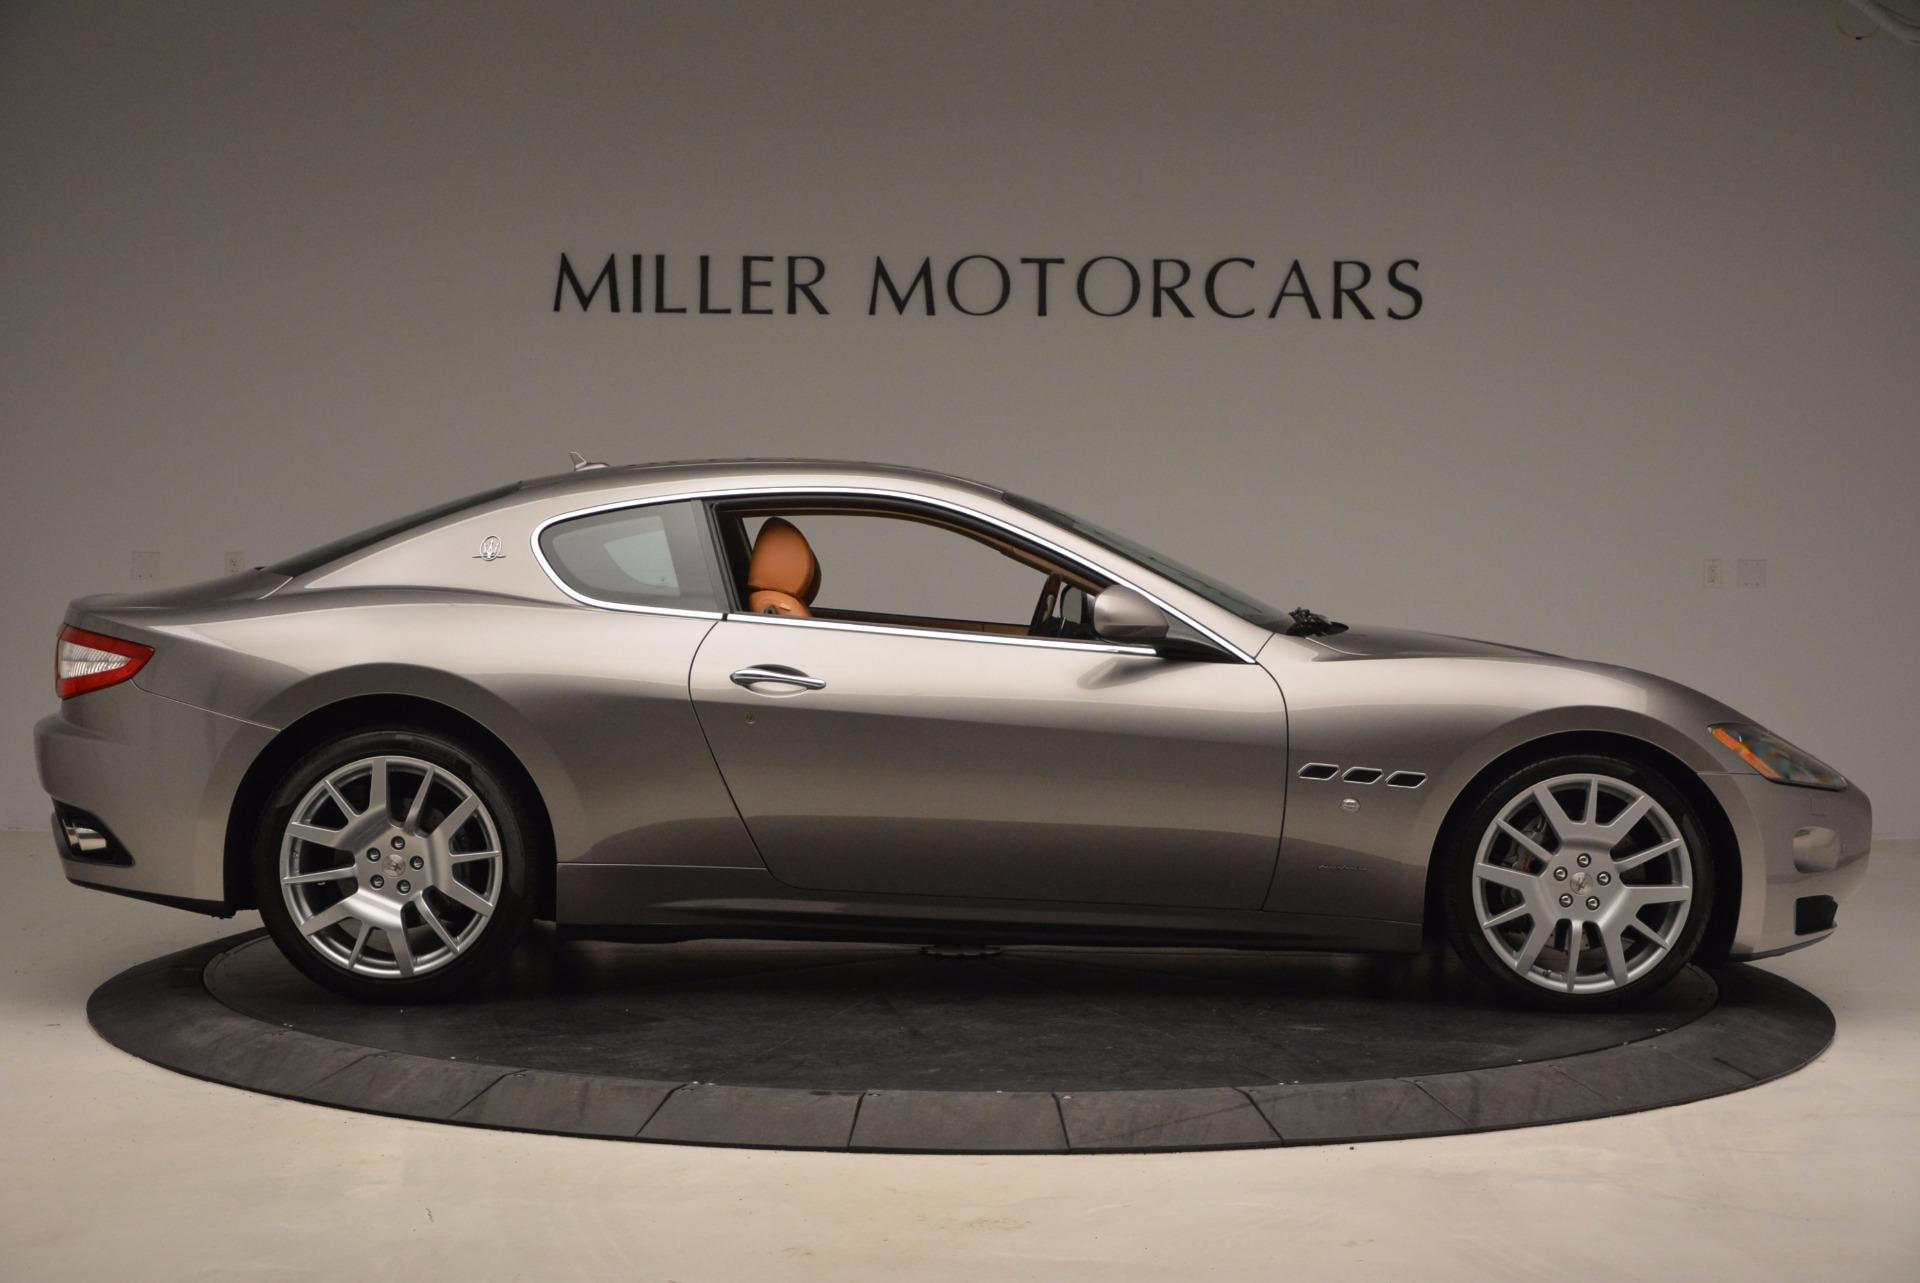 Used 2009 Maserati GranTurismo S For Sale In Greenwich, CT 1063_p9